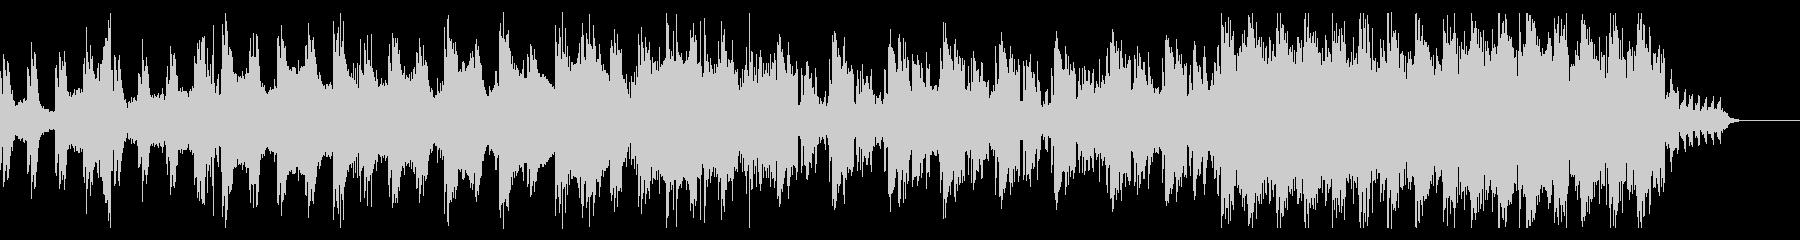 ピアノ主導のダークな曲の未再生の波形